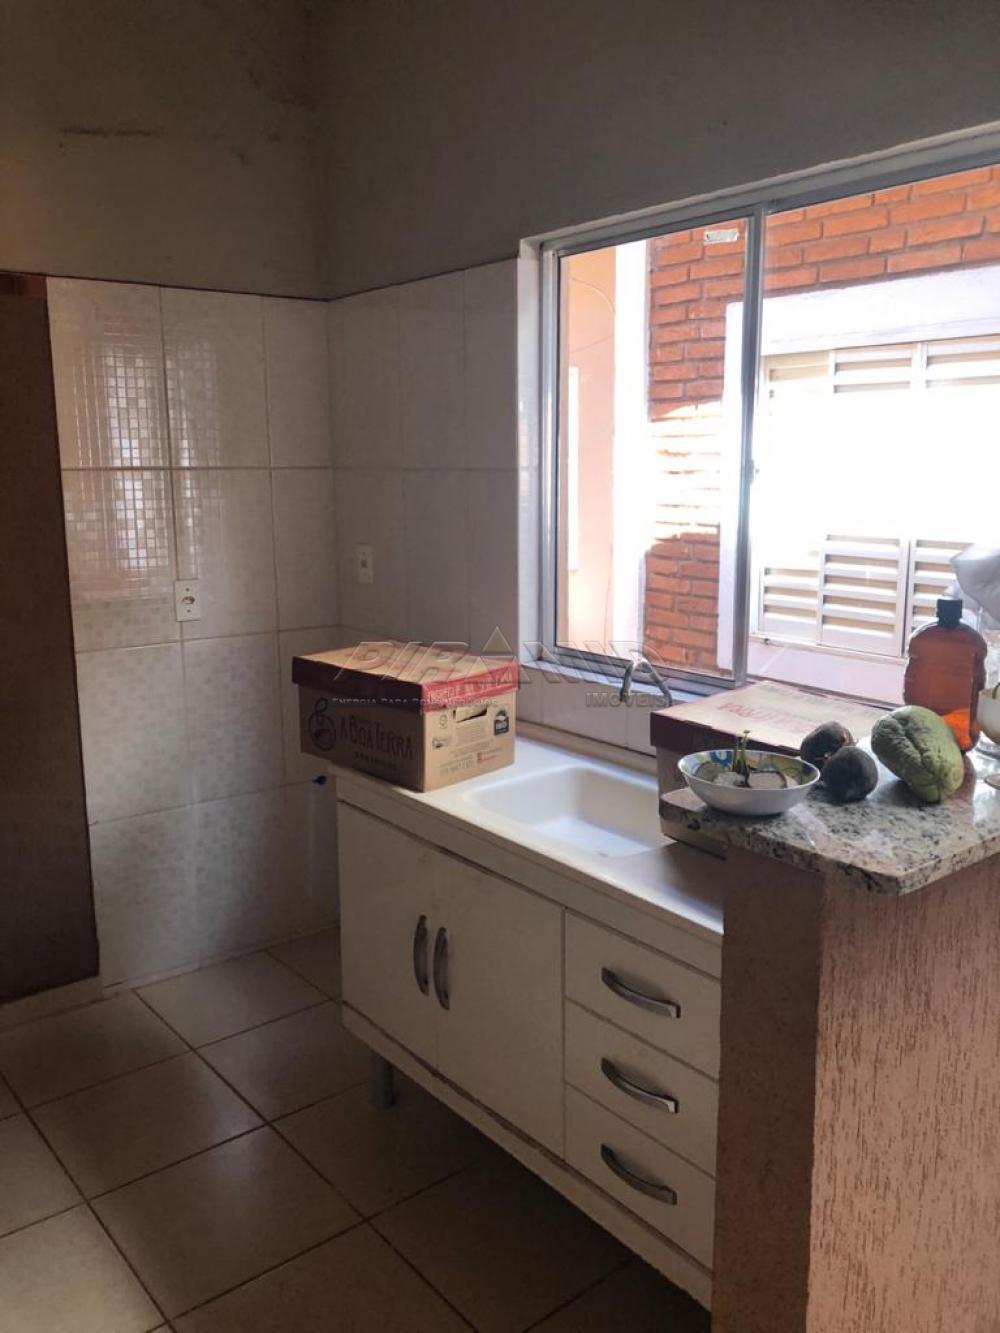 Comprar Casa / Padrão em Ribeirão Preto apenas R$ 450.000,00 - Foto 8